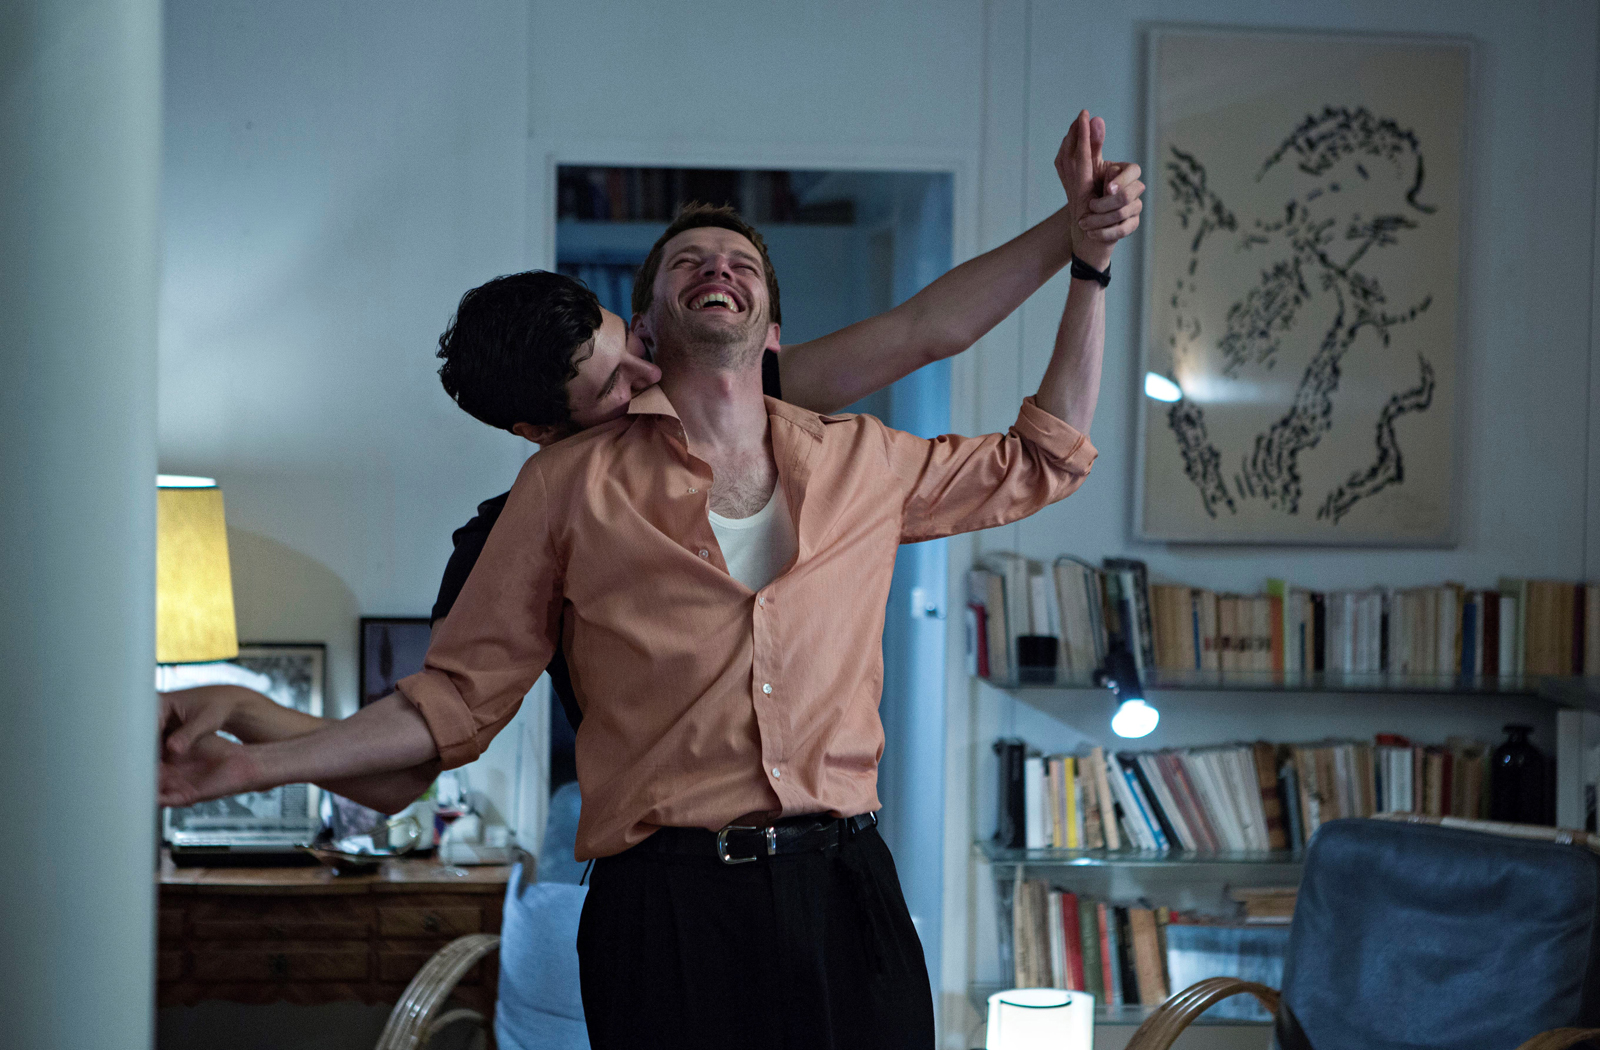 Vivir deprisa, amar despacio dirigida por Christophe Honoré